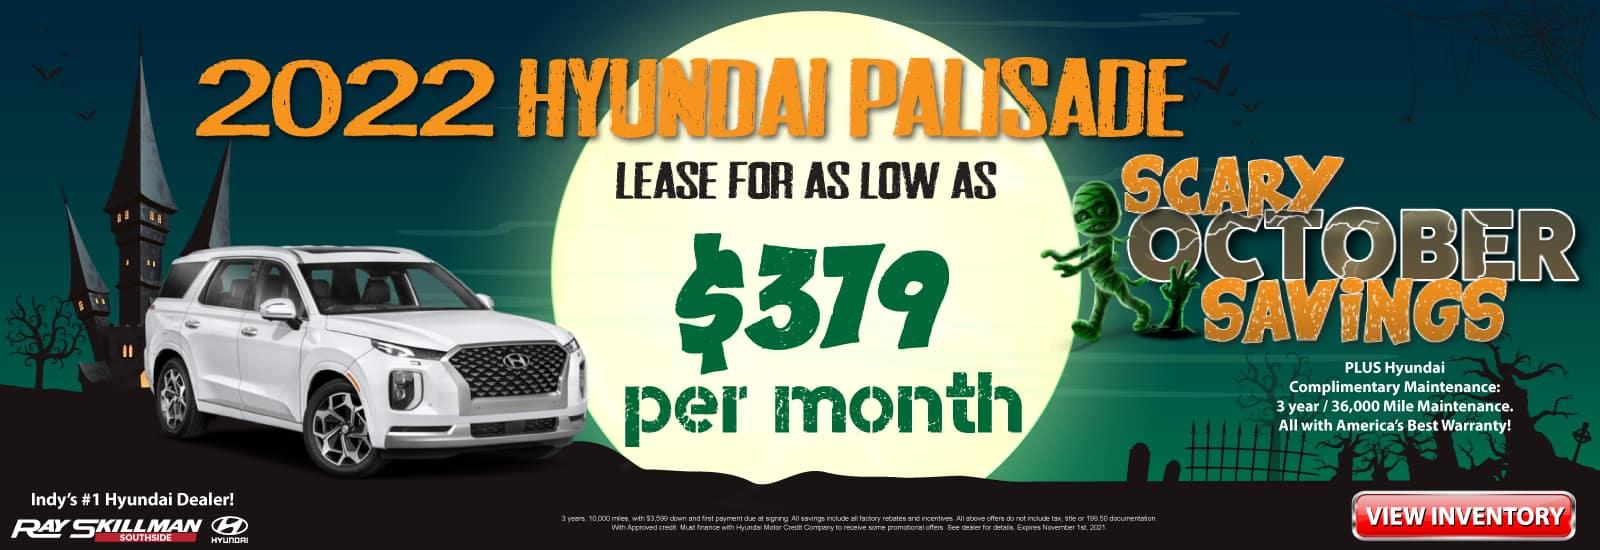 2022-Hyundai-Palisade-Web-Banner-1600×550.jpg Oct